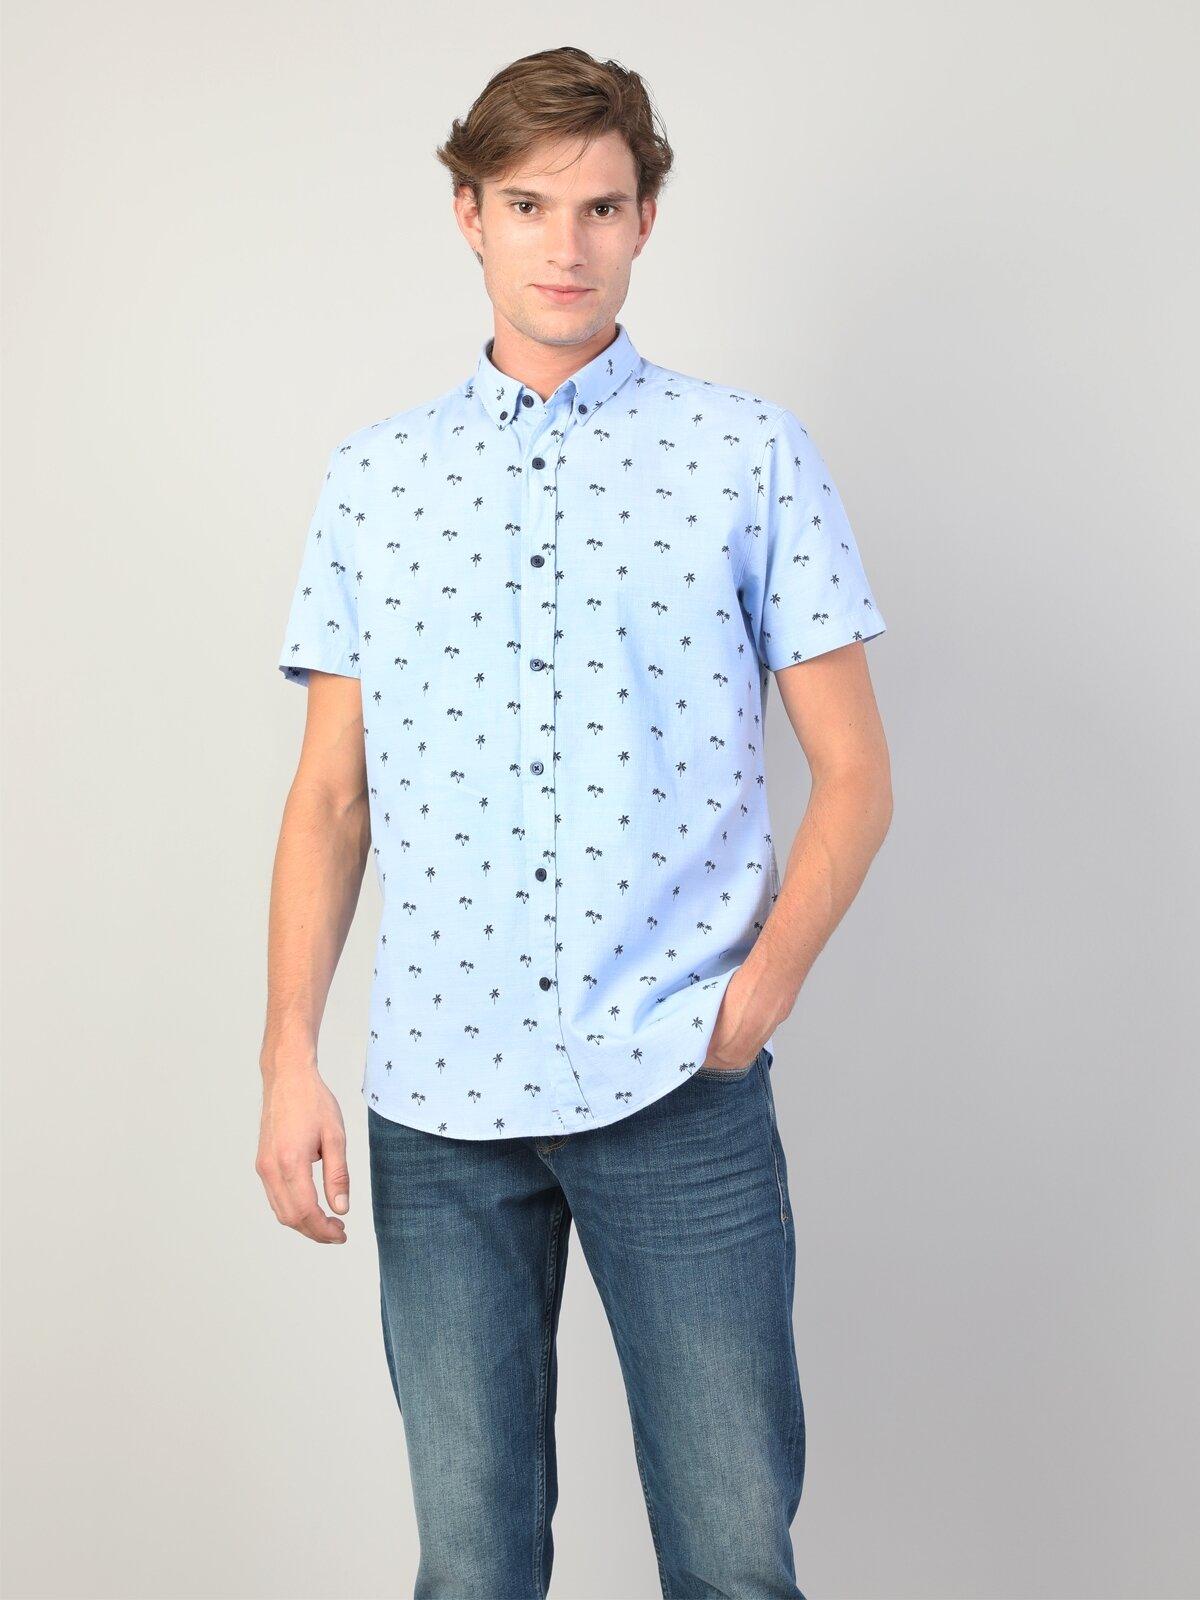 Regular Fit Shirt Neck Erkek Mavi Kısa Kol Gömlek